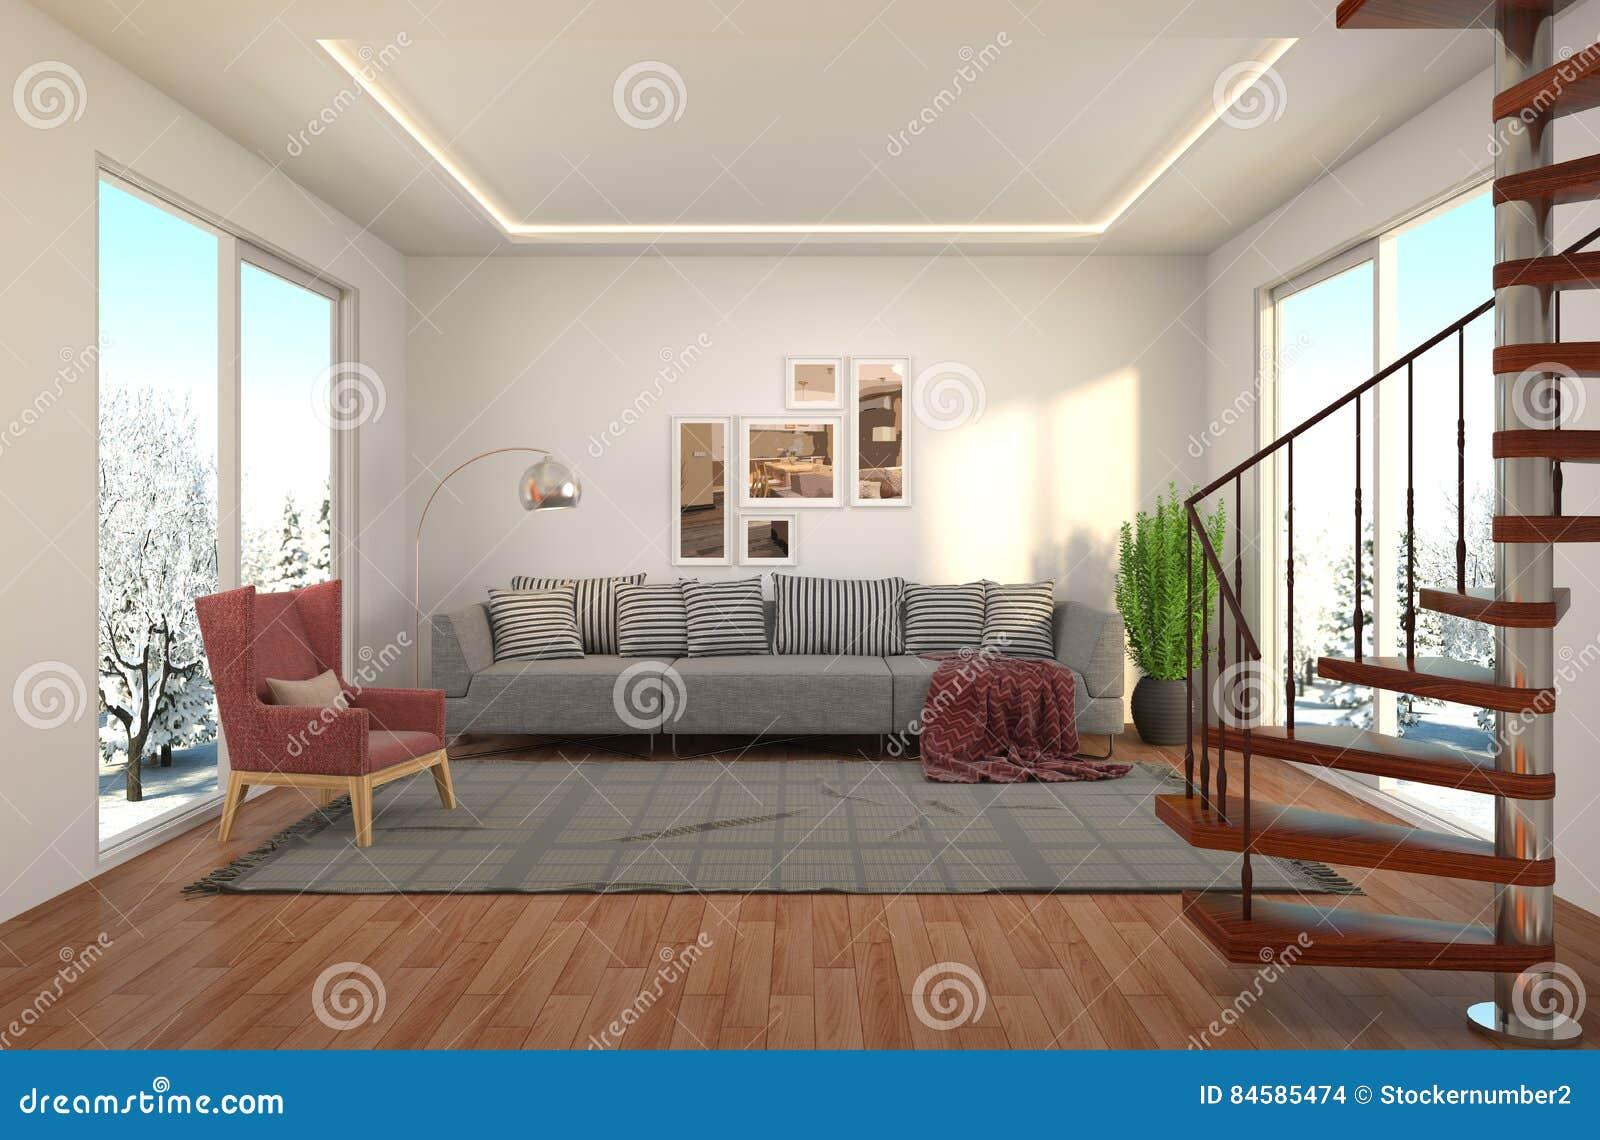 Fenster innenraum  Innenraum Mit Großem Fenster Abbildung 3D Stock Abbildung - Bild ...